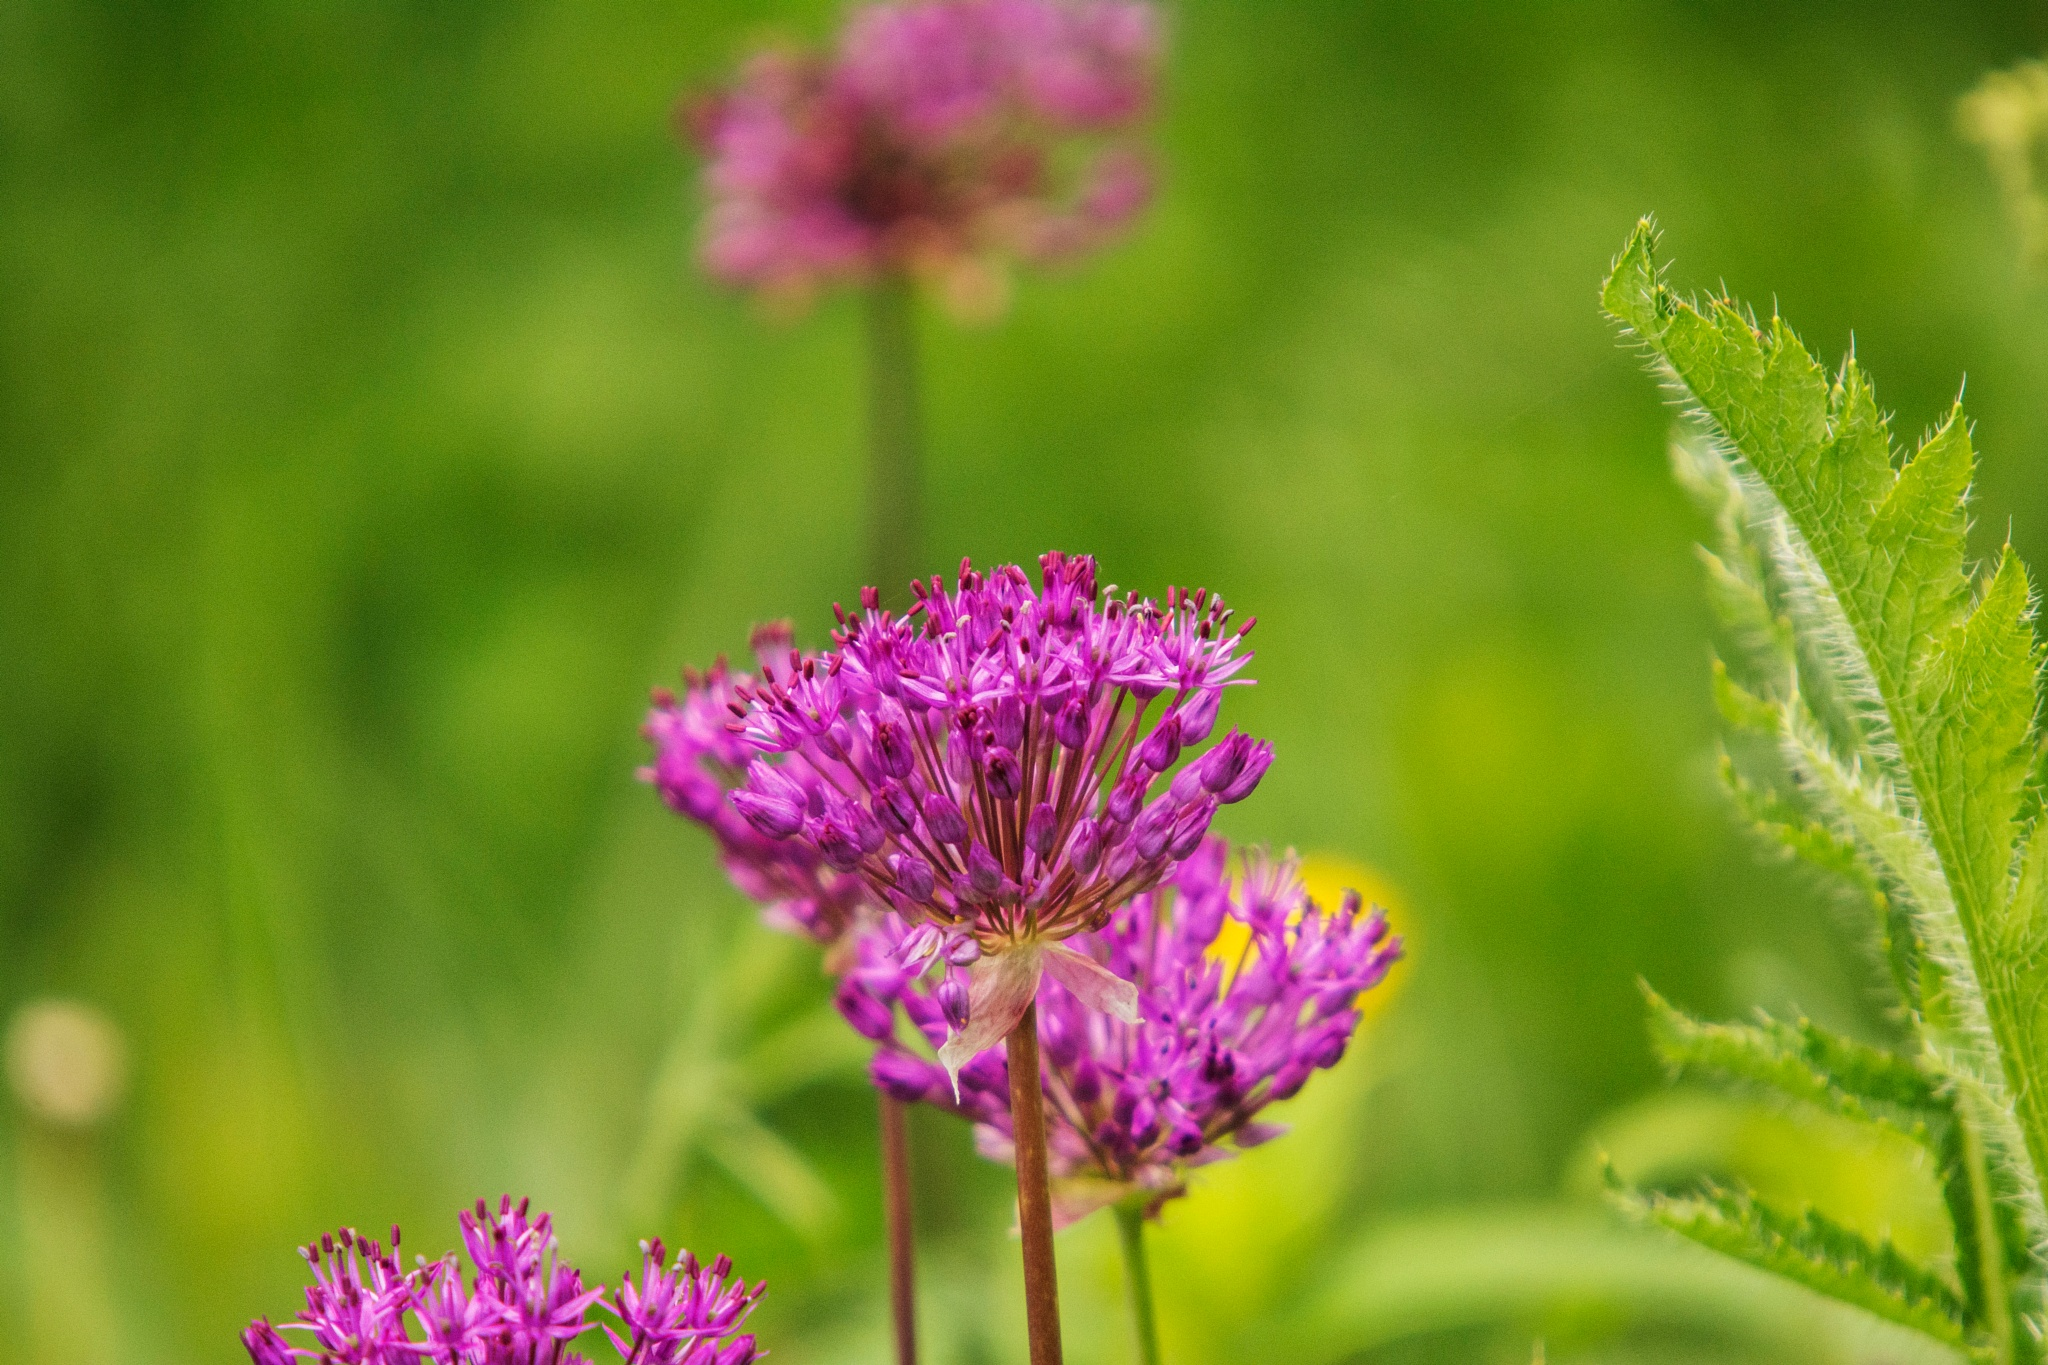 Purple Weed by Wayne L. Talbot